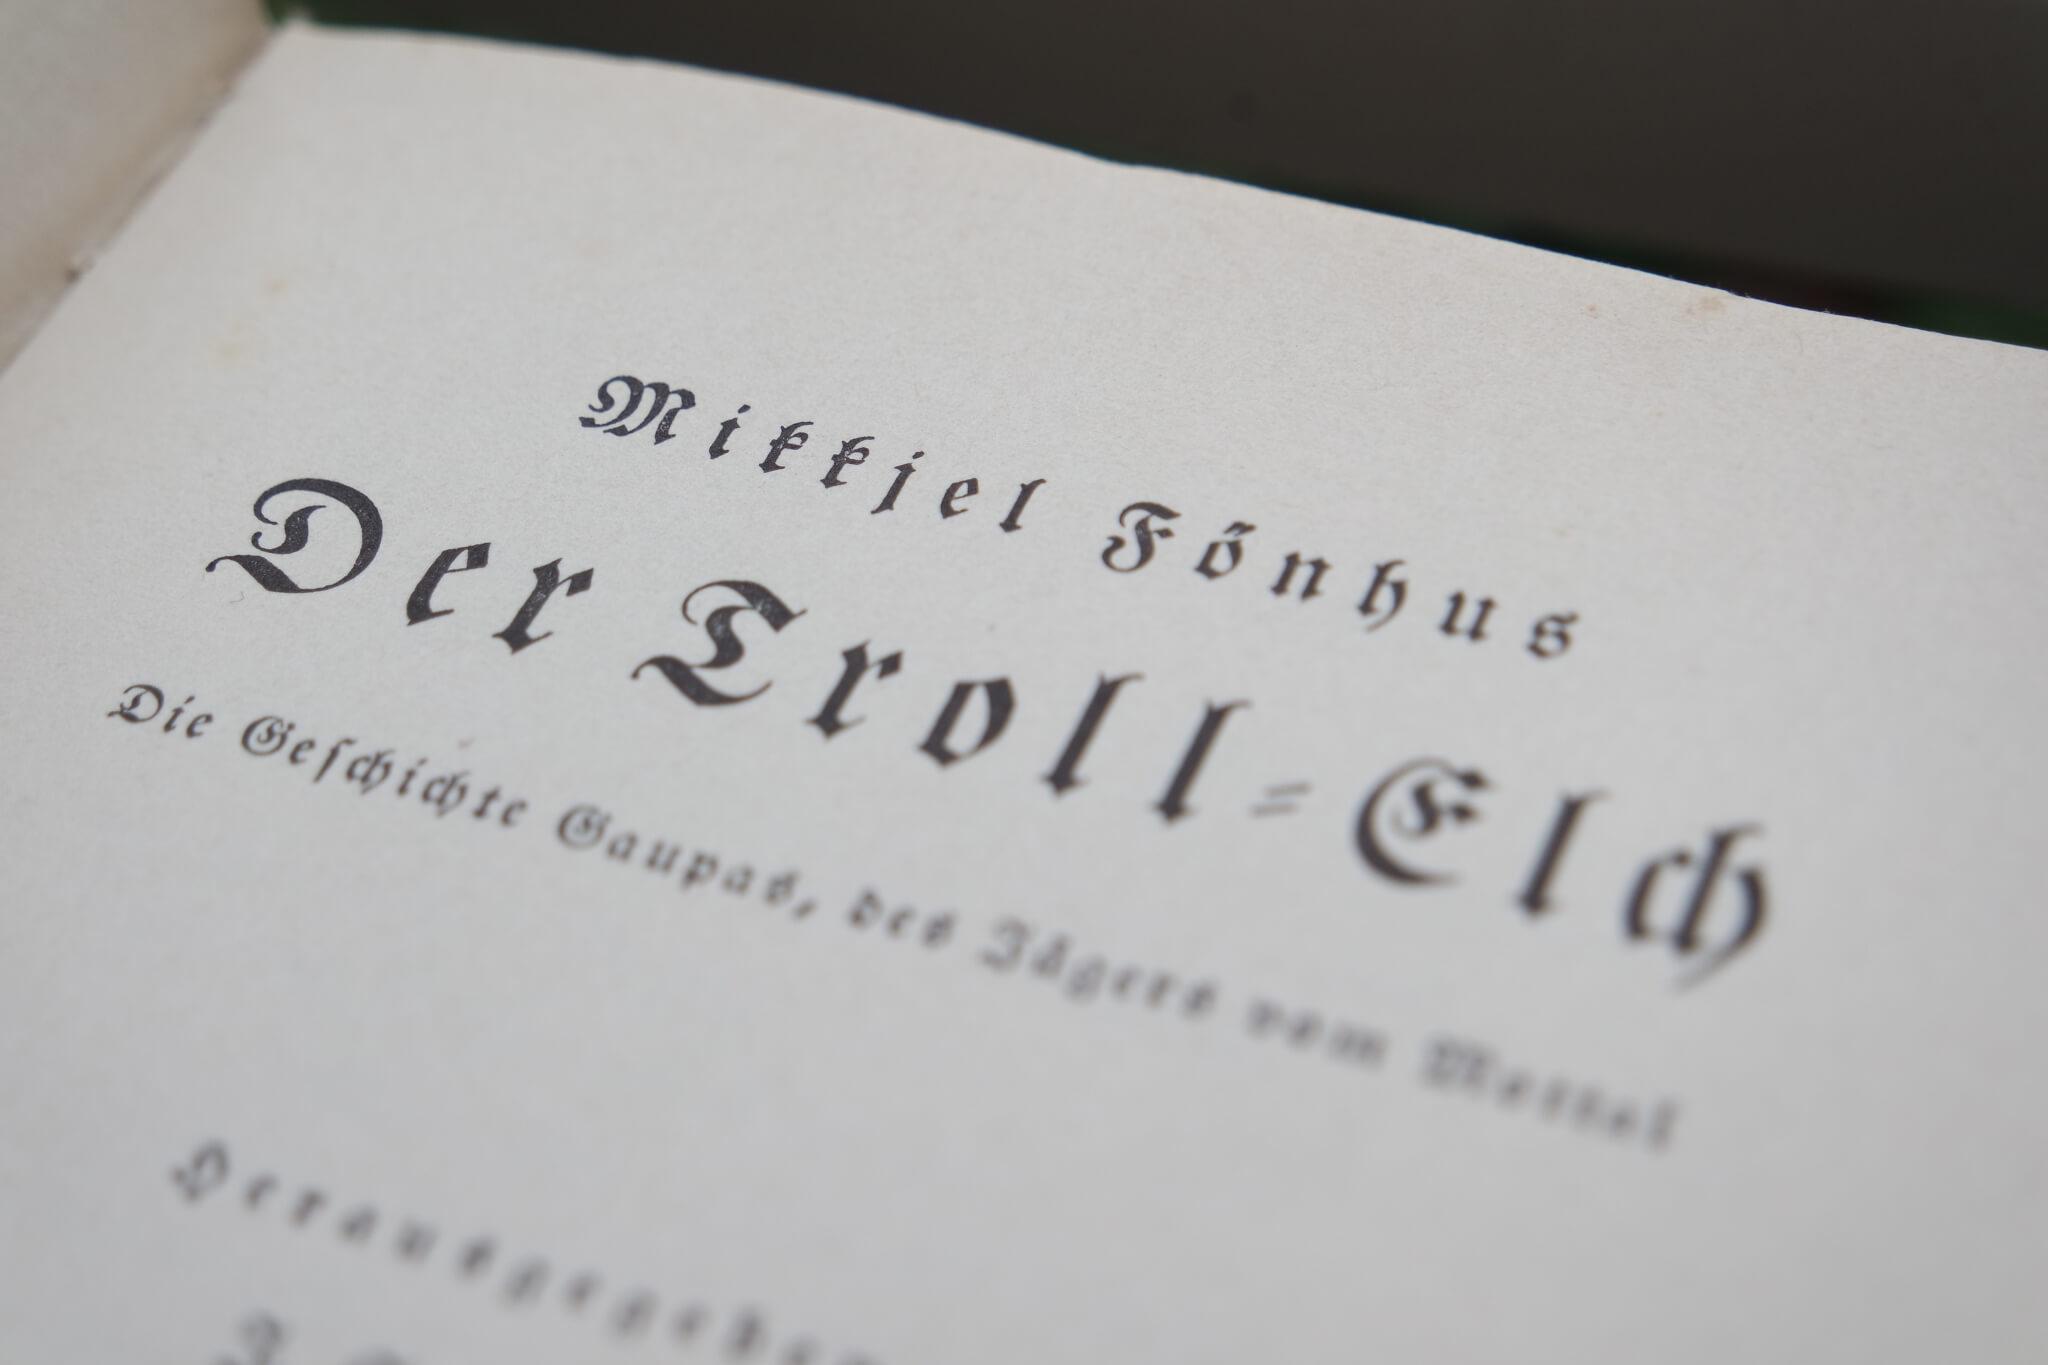 Erste Seite des Buches der Troll - Elch